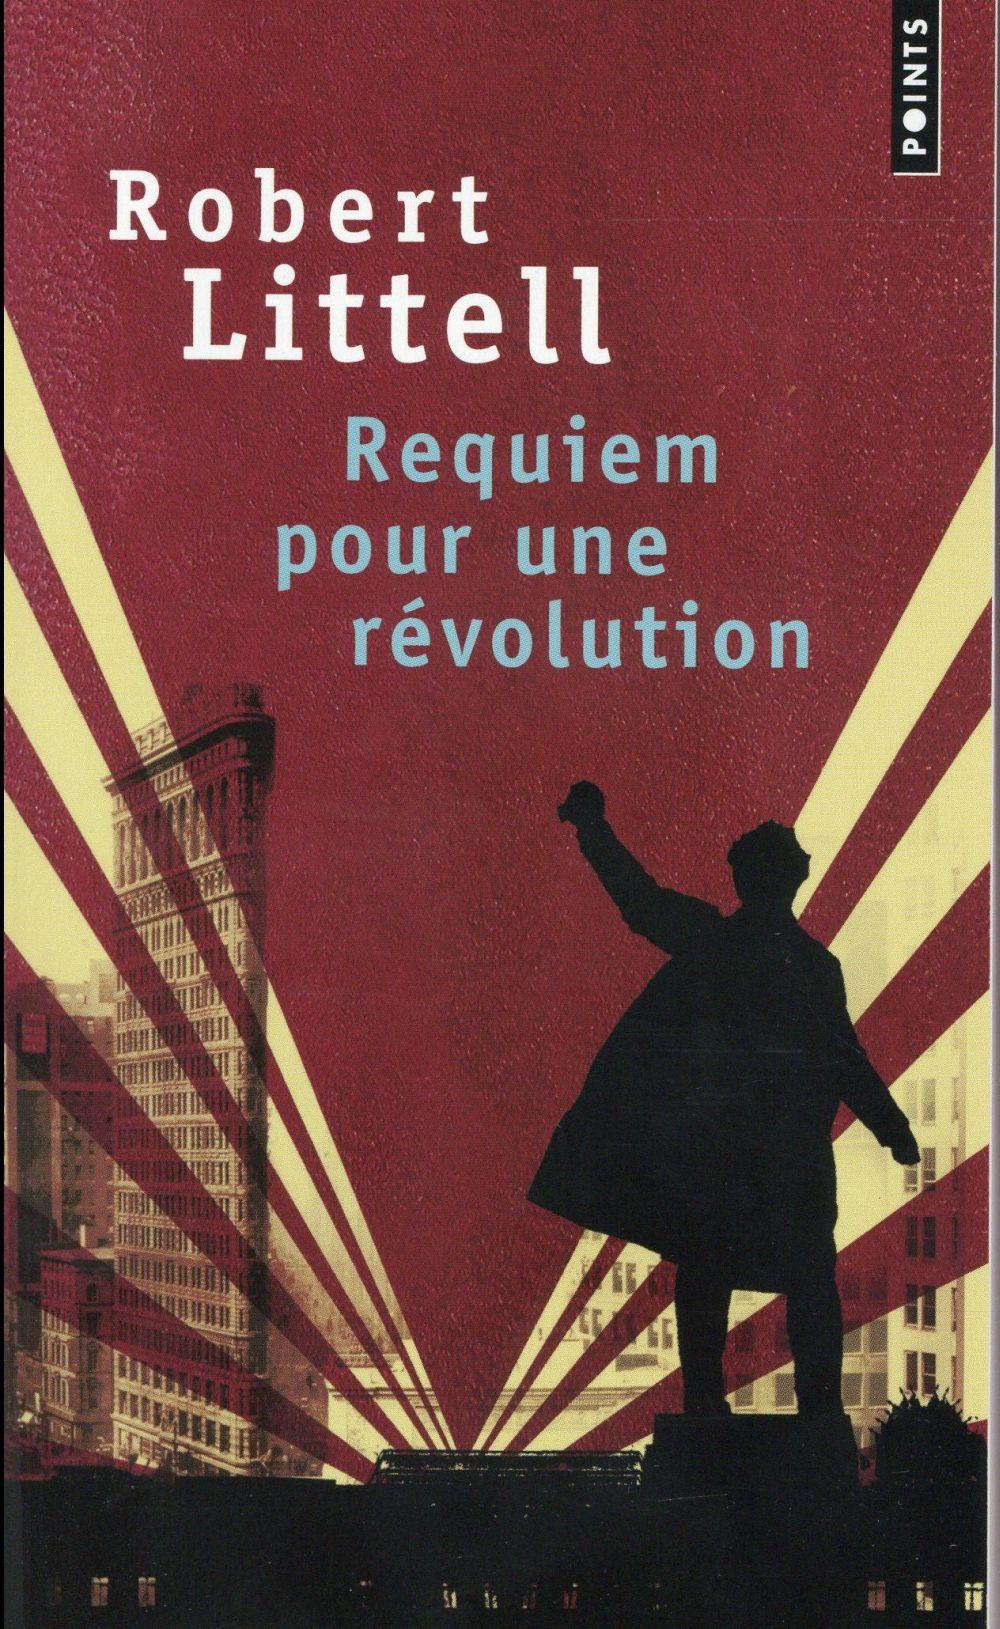 Requiem pour une revolution - le grand roman de la revolution russe